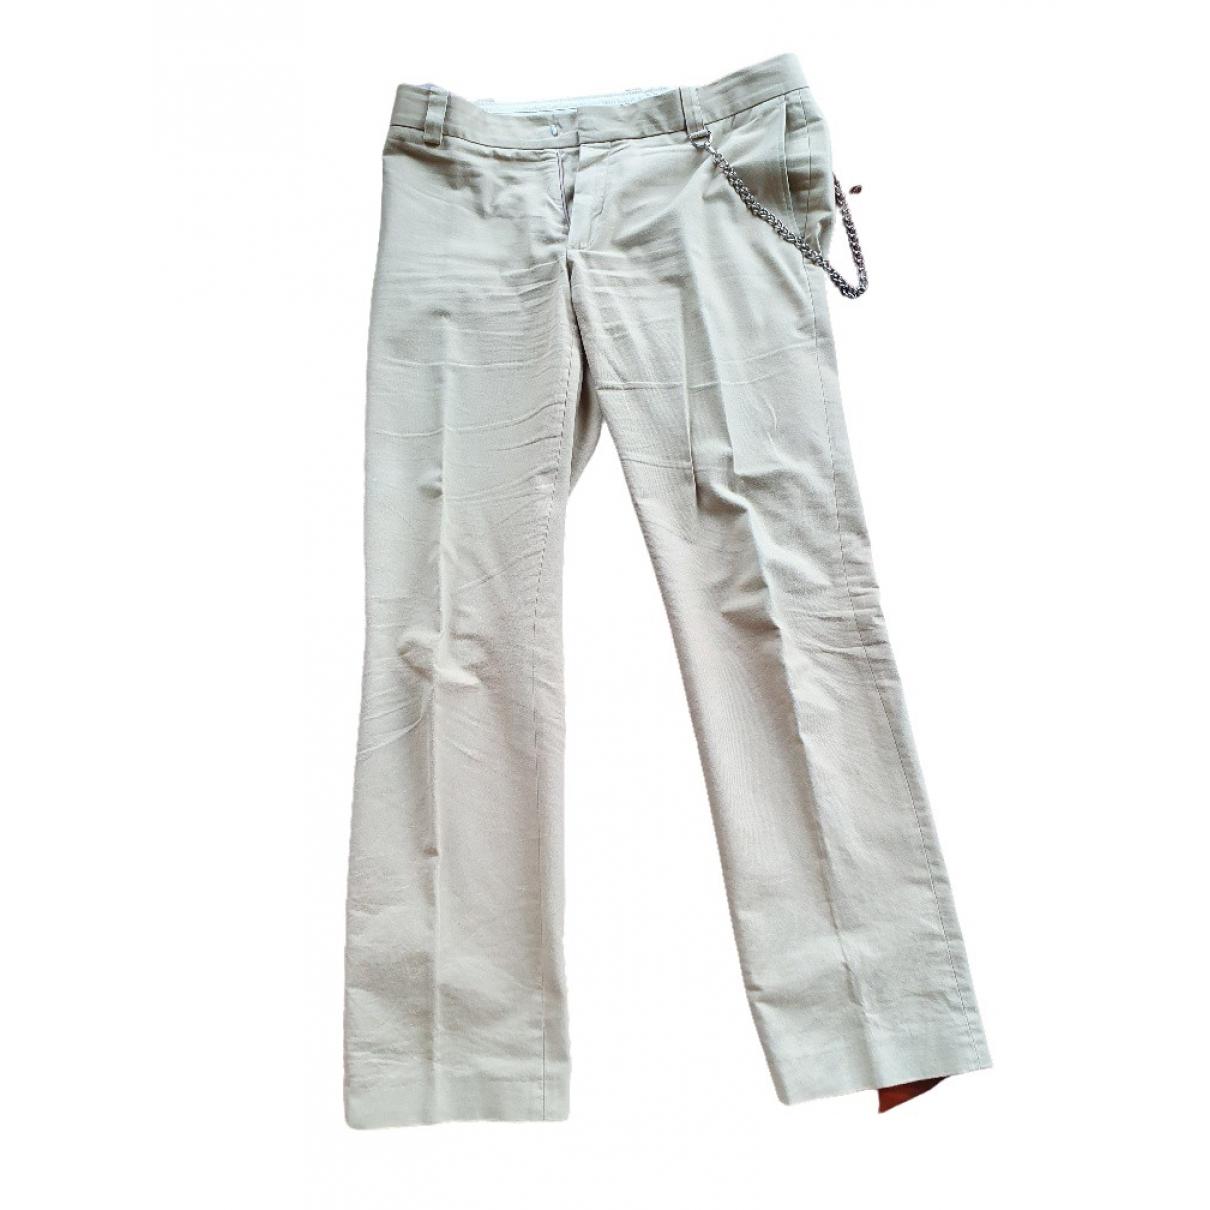 Paul & Joe \N Beige Cotton Trousers for Men M International